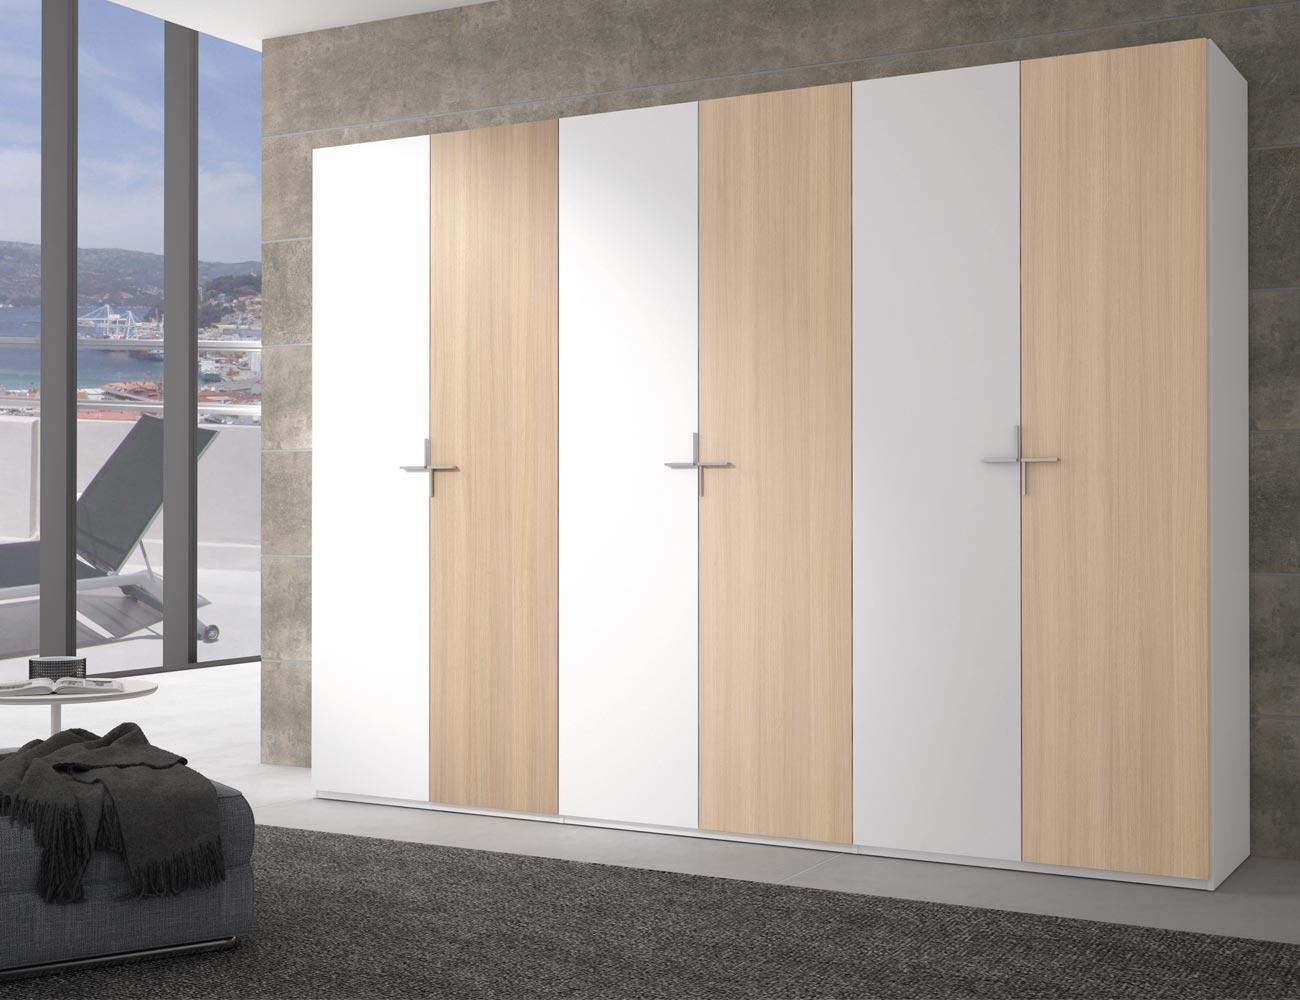 Armario puertas abatibles blanco roble1